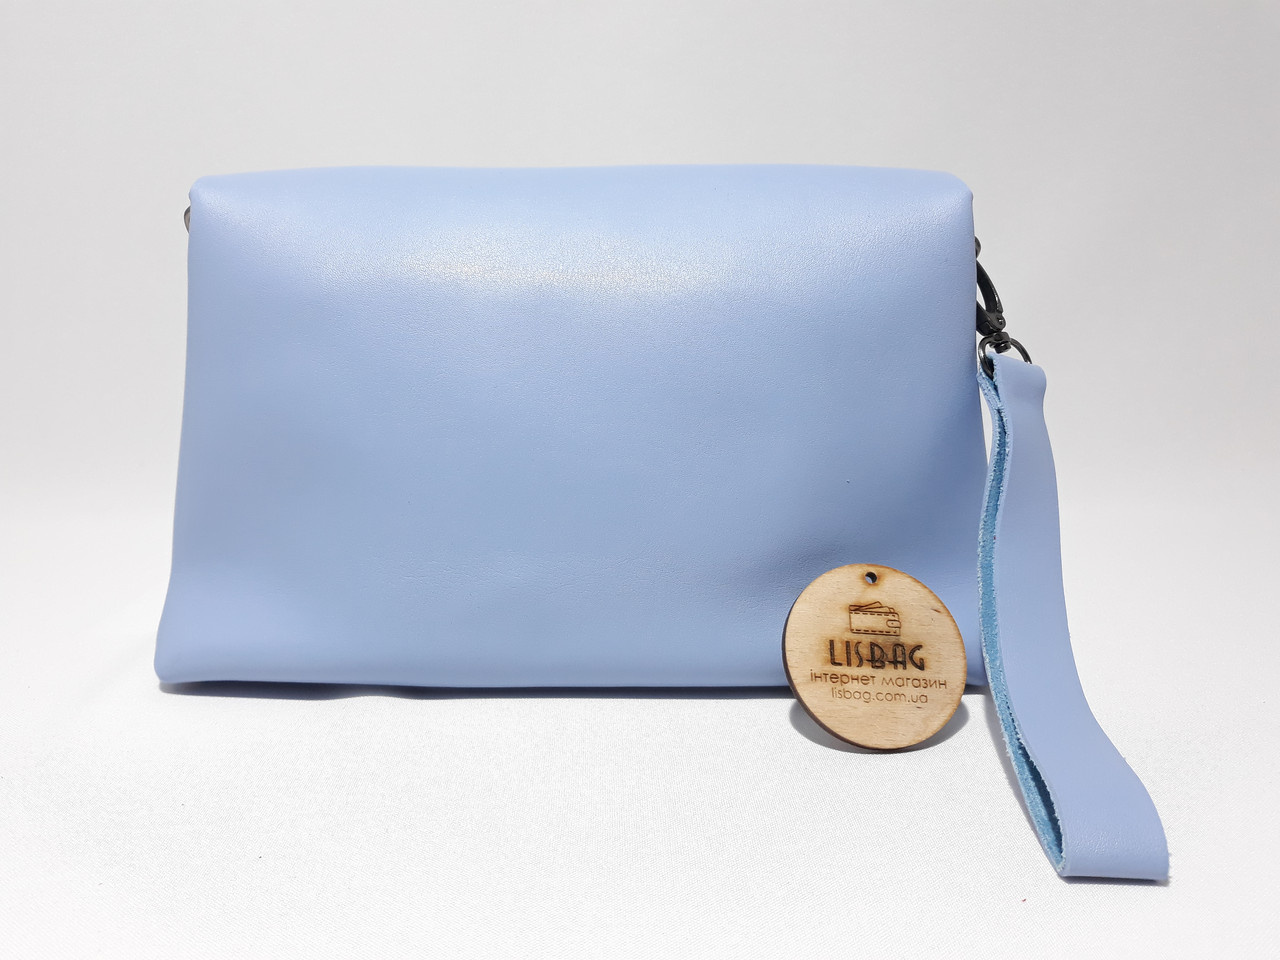 dc4a6c41f1fd Маленькая милая сумка-клатч синяя 2в1 через плечо/на плечо: продажа ...